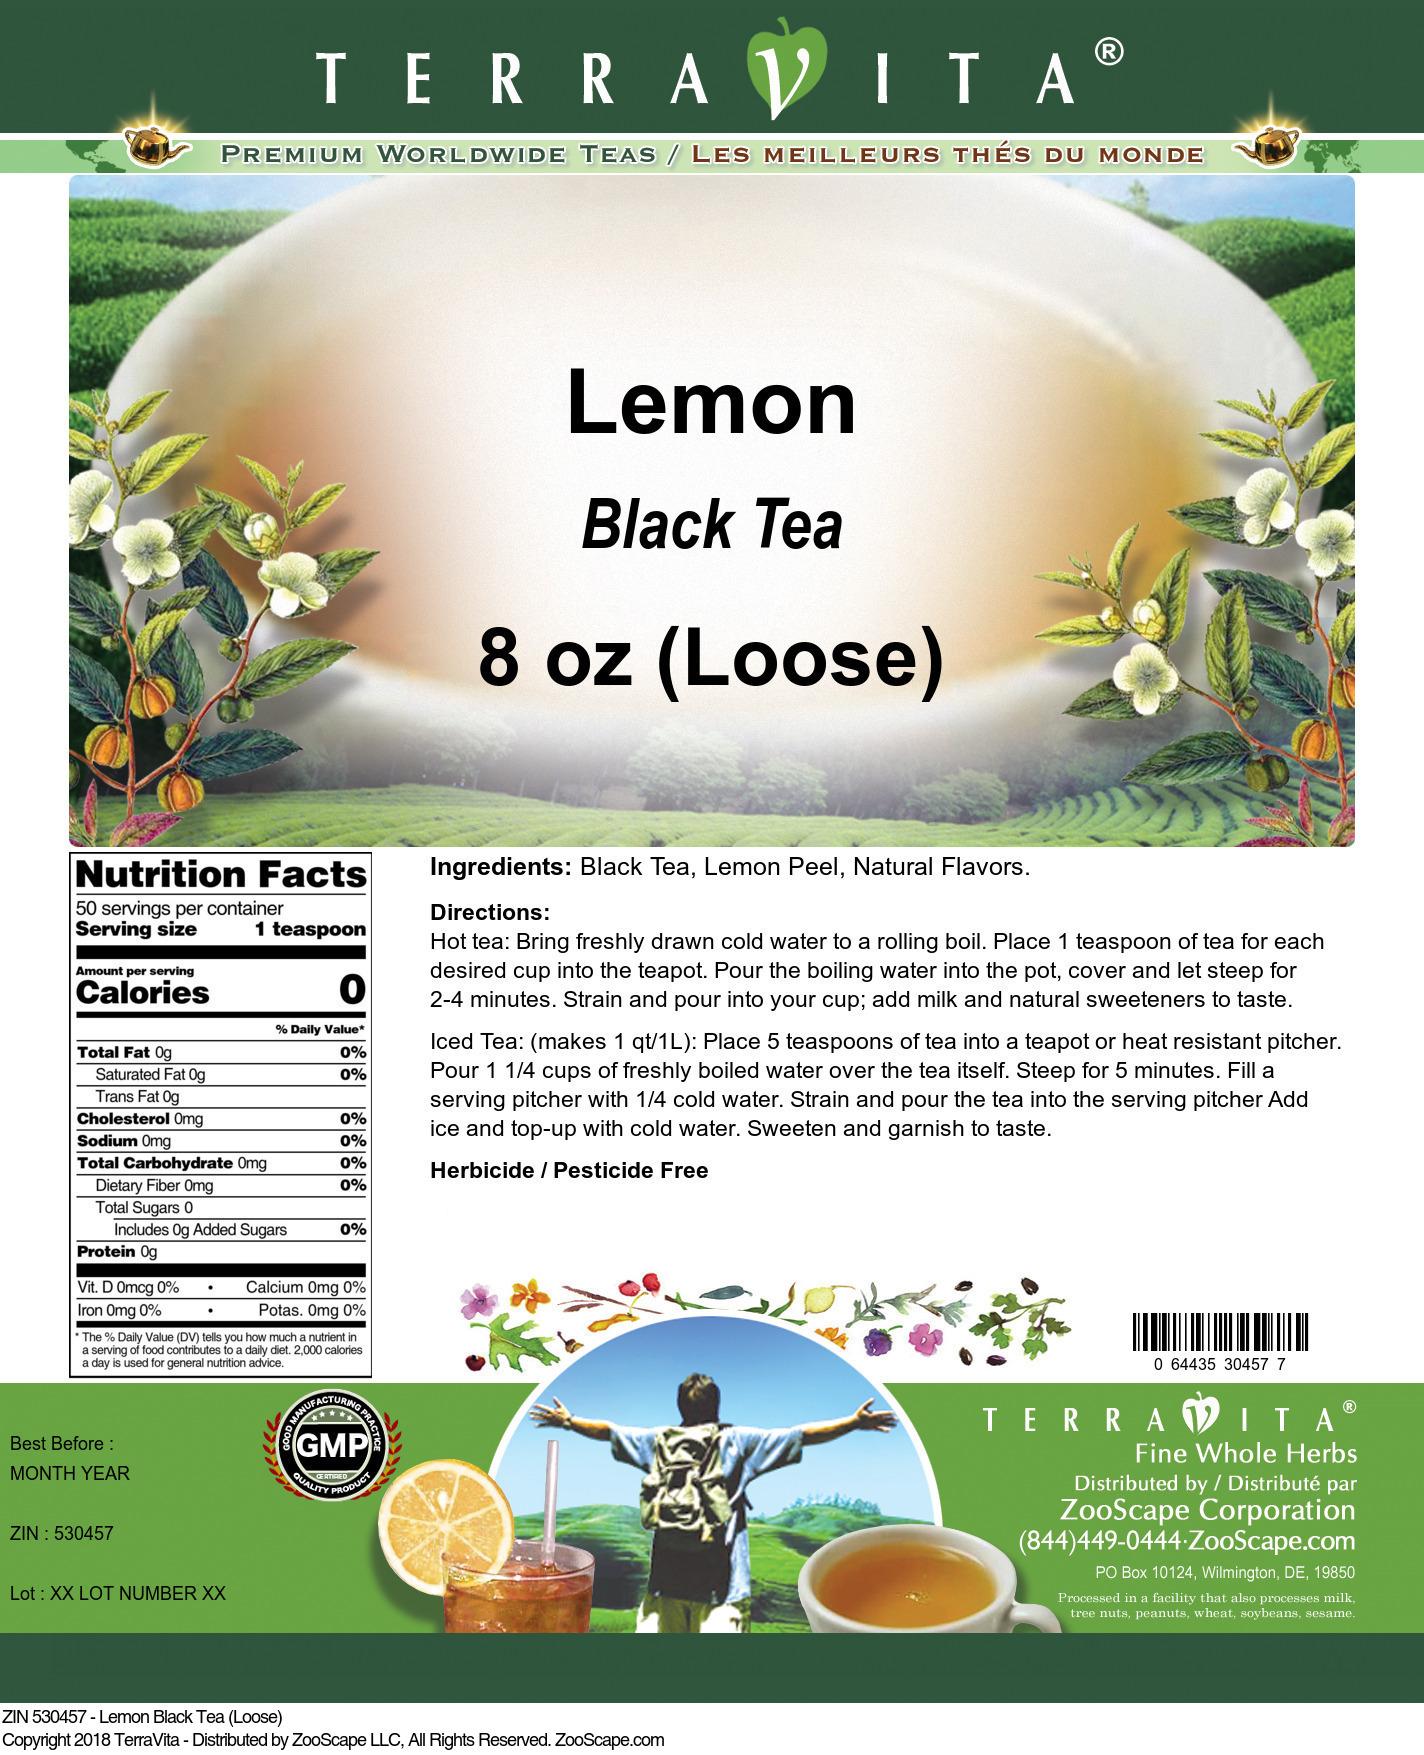 Lemon Black Tea (Loose)